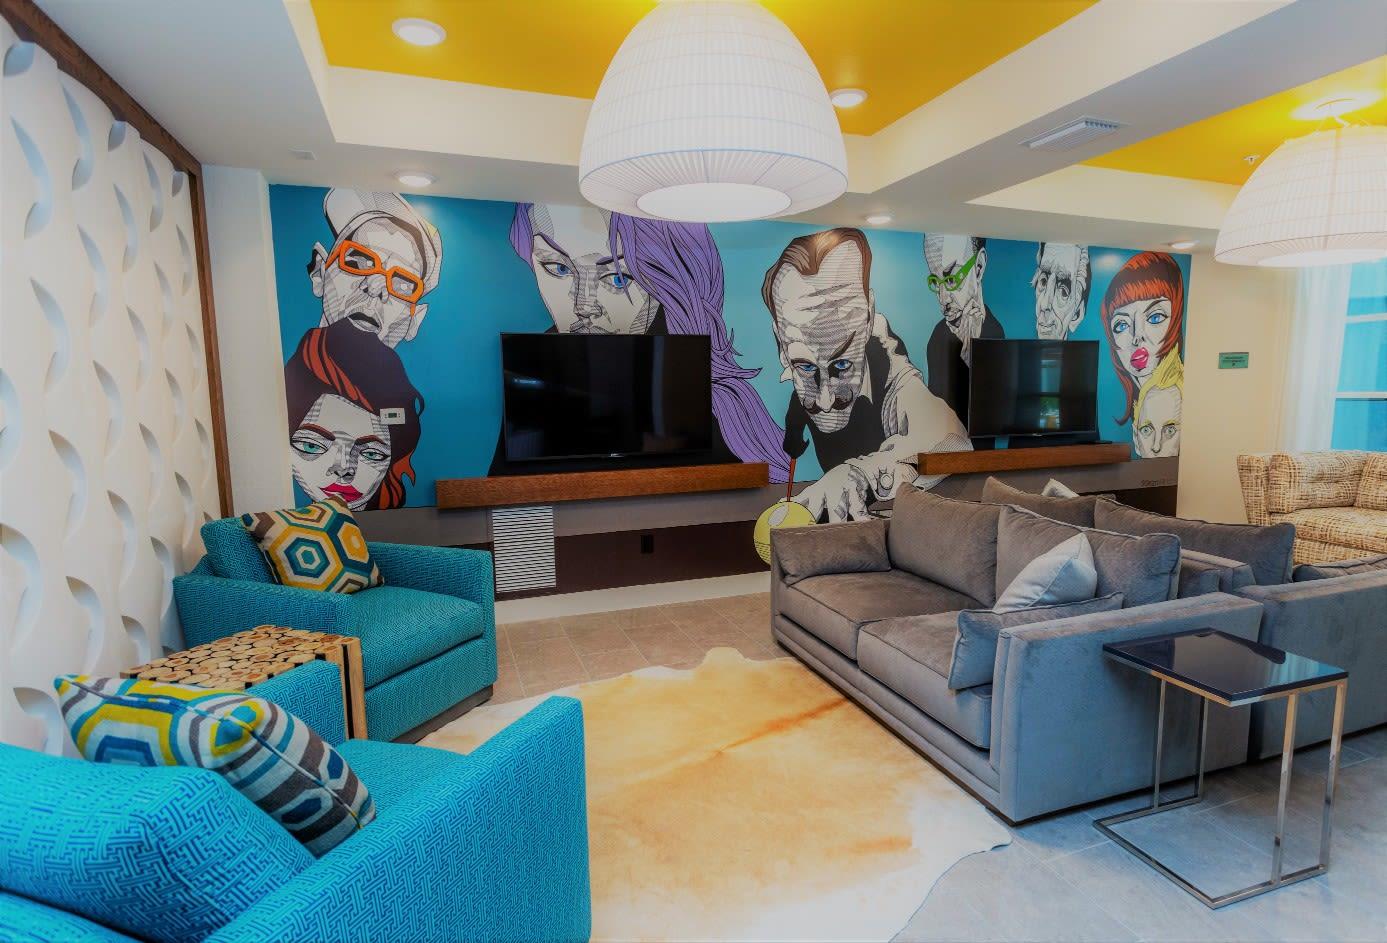 Media Room at 50 Paramount Apartments in Tampa Florida